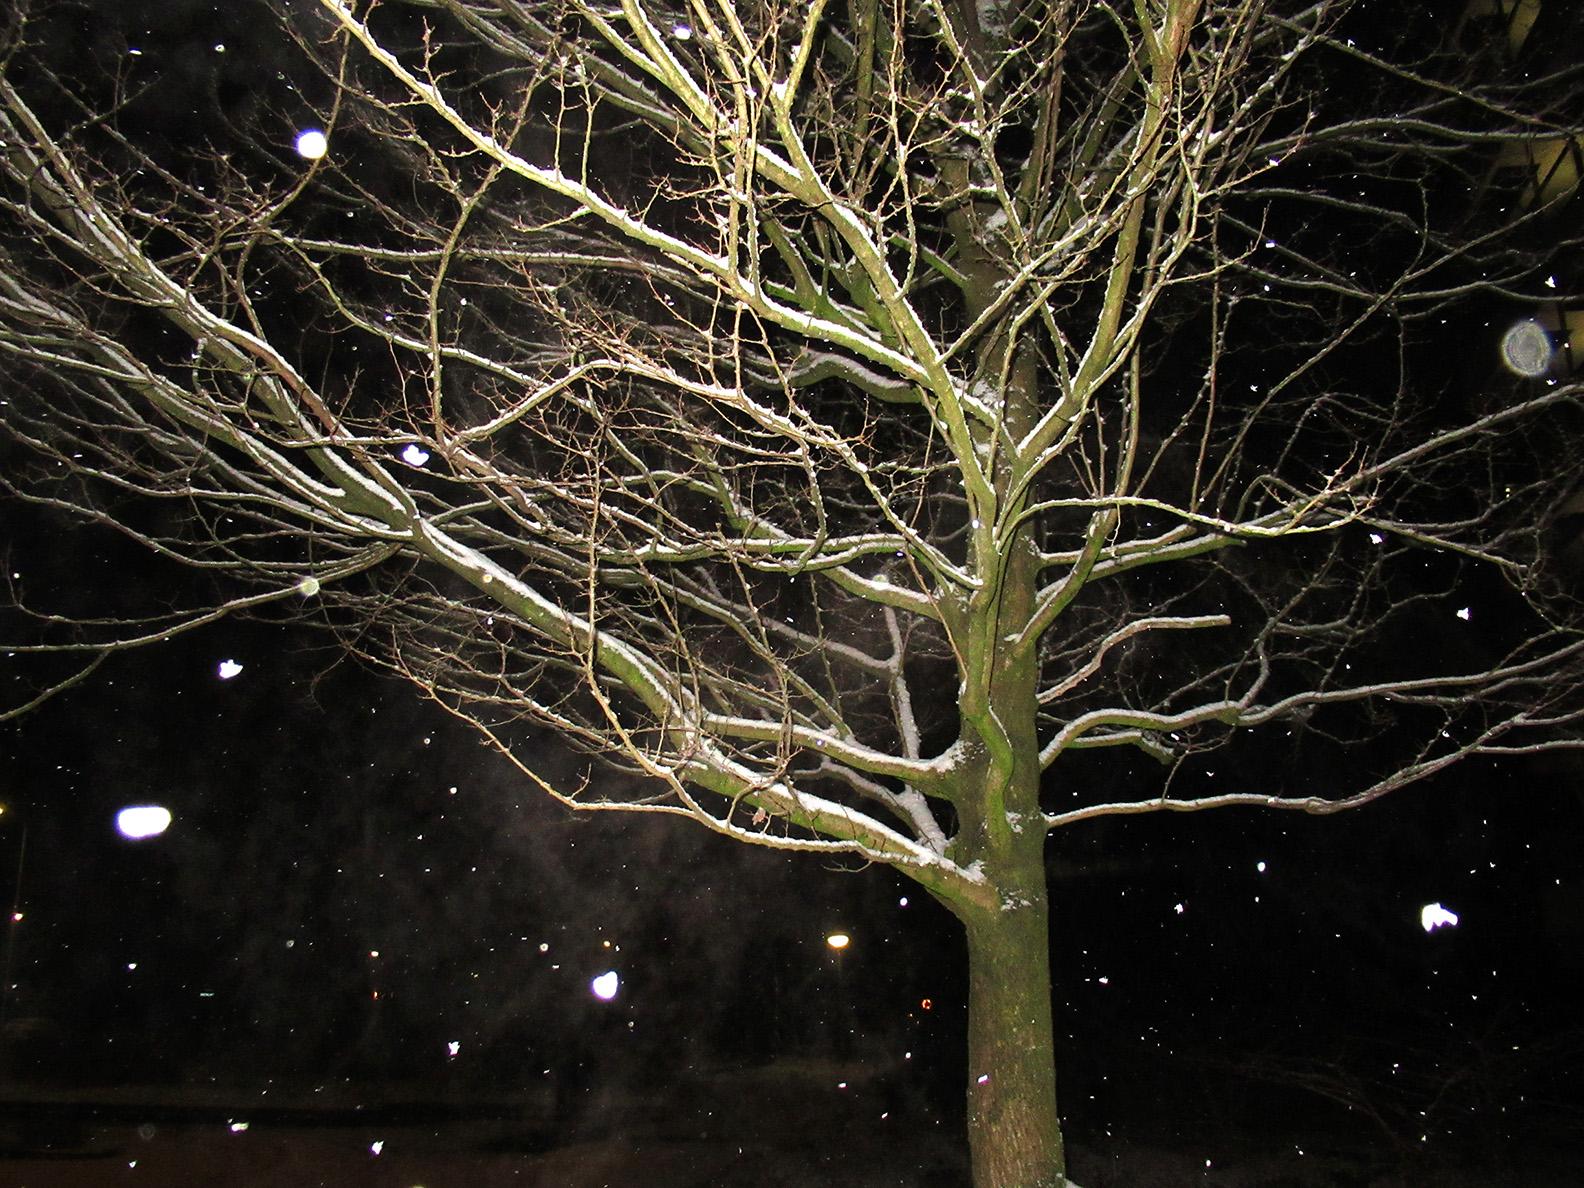 Een kale boom in de avond is ook kunst - Foto: ©Fransien Fraanje